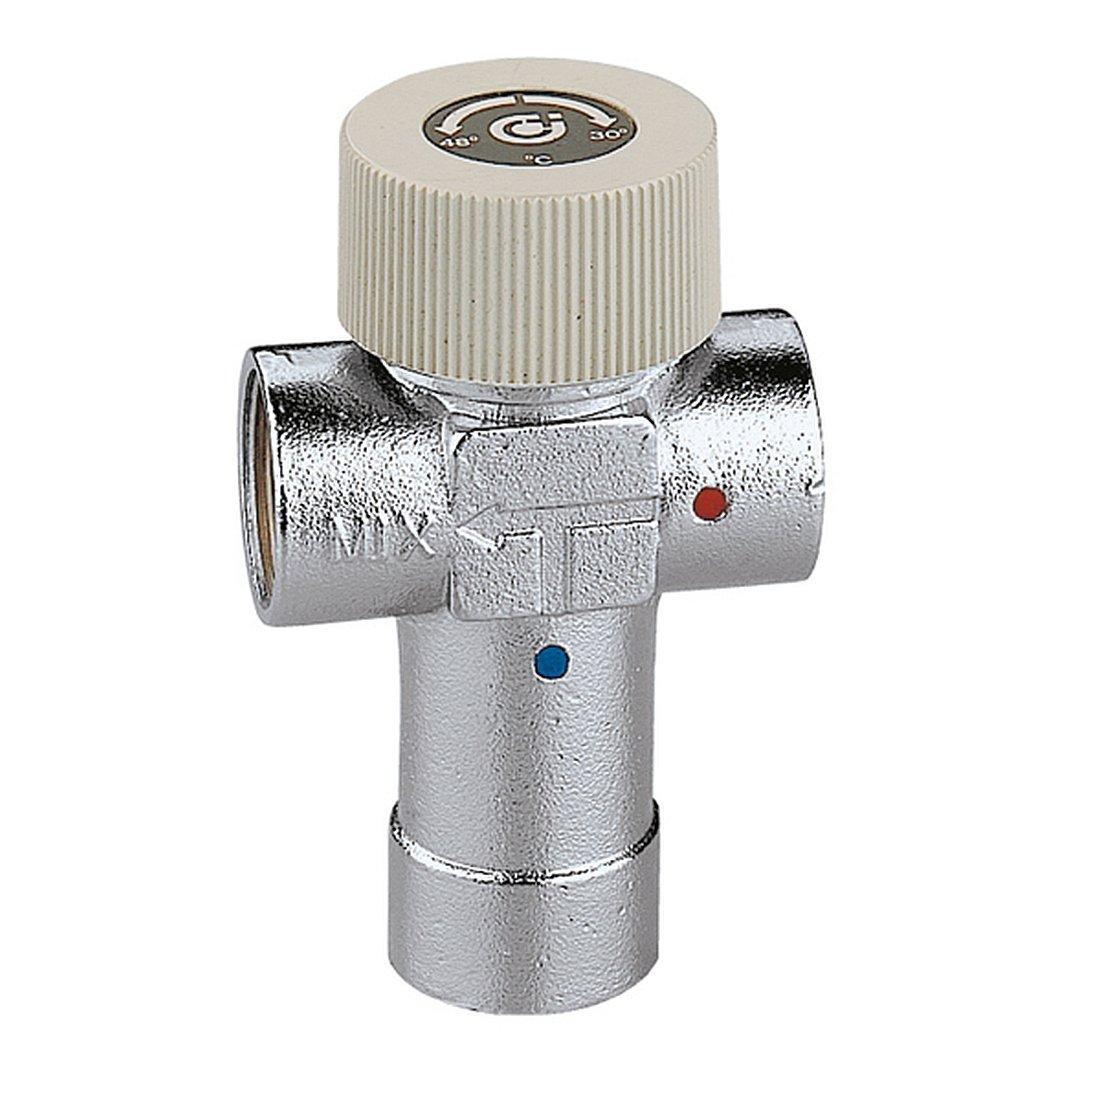 Mezcladora TERMOSTATICA 30-48ºC. instalada